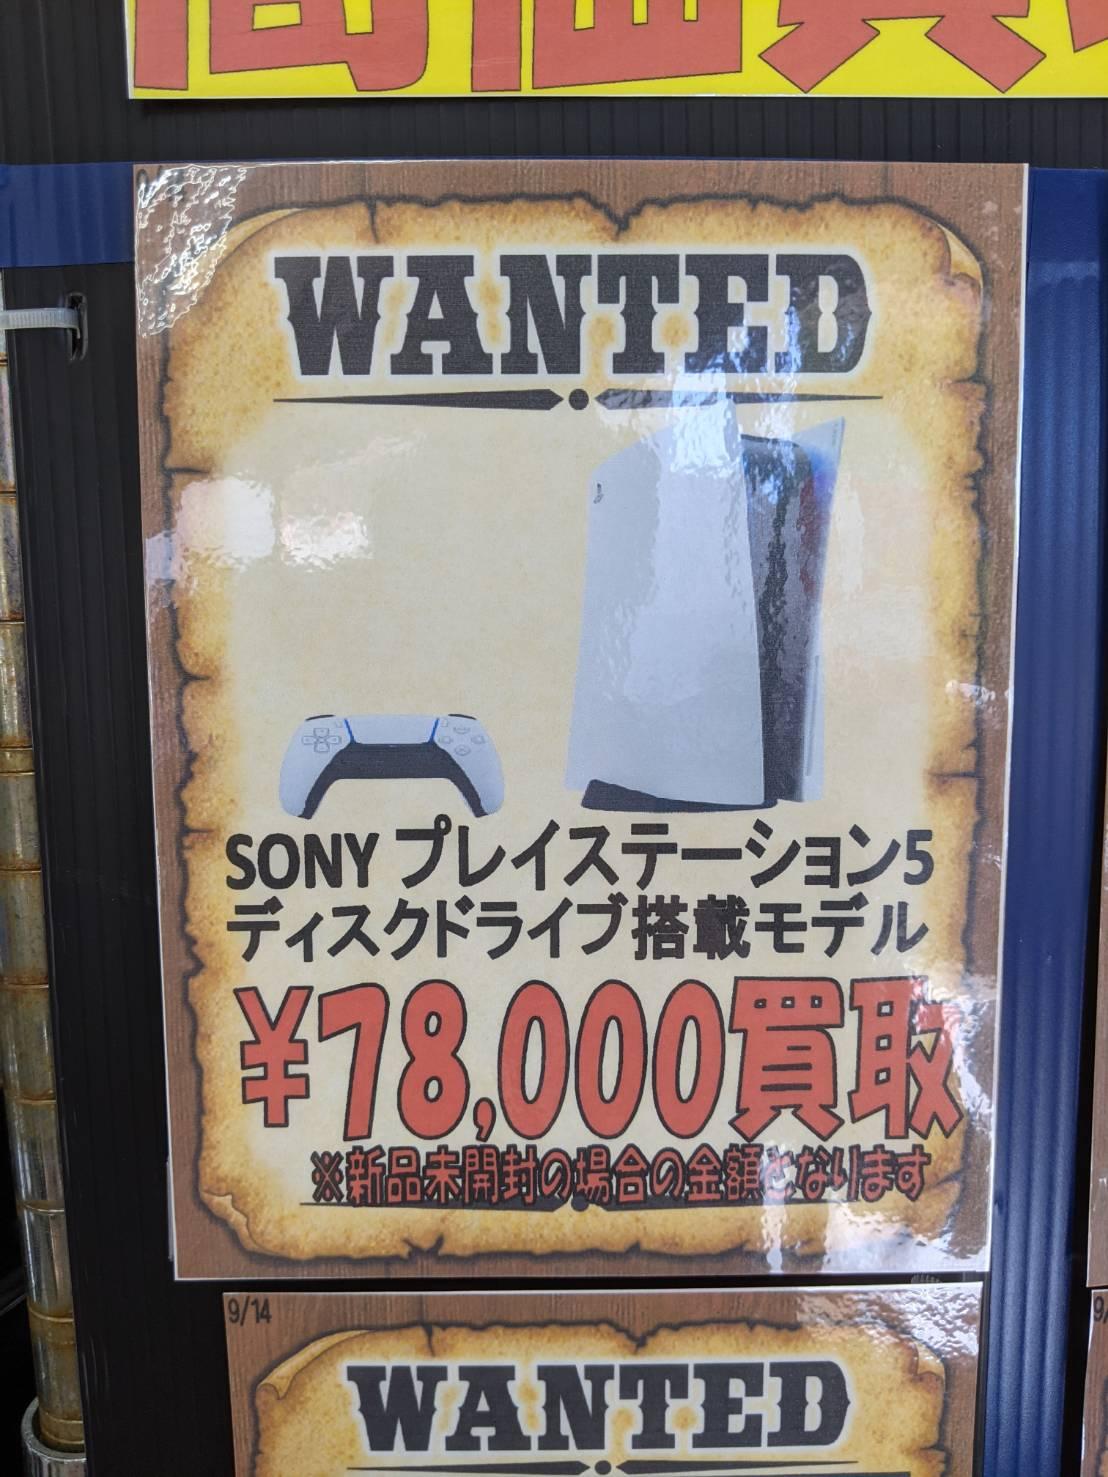 【高価買取情報】プレステ5ディスクドライブ搭載モデル(未開封品) 78,000円買取